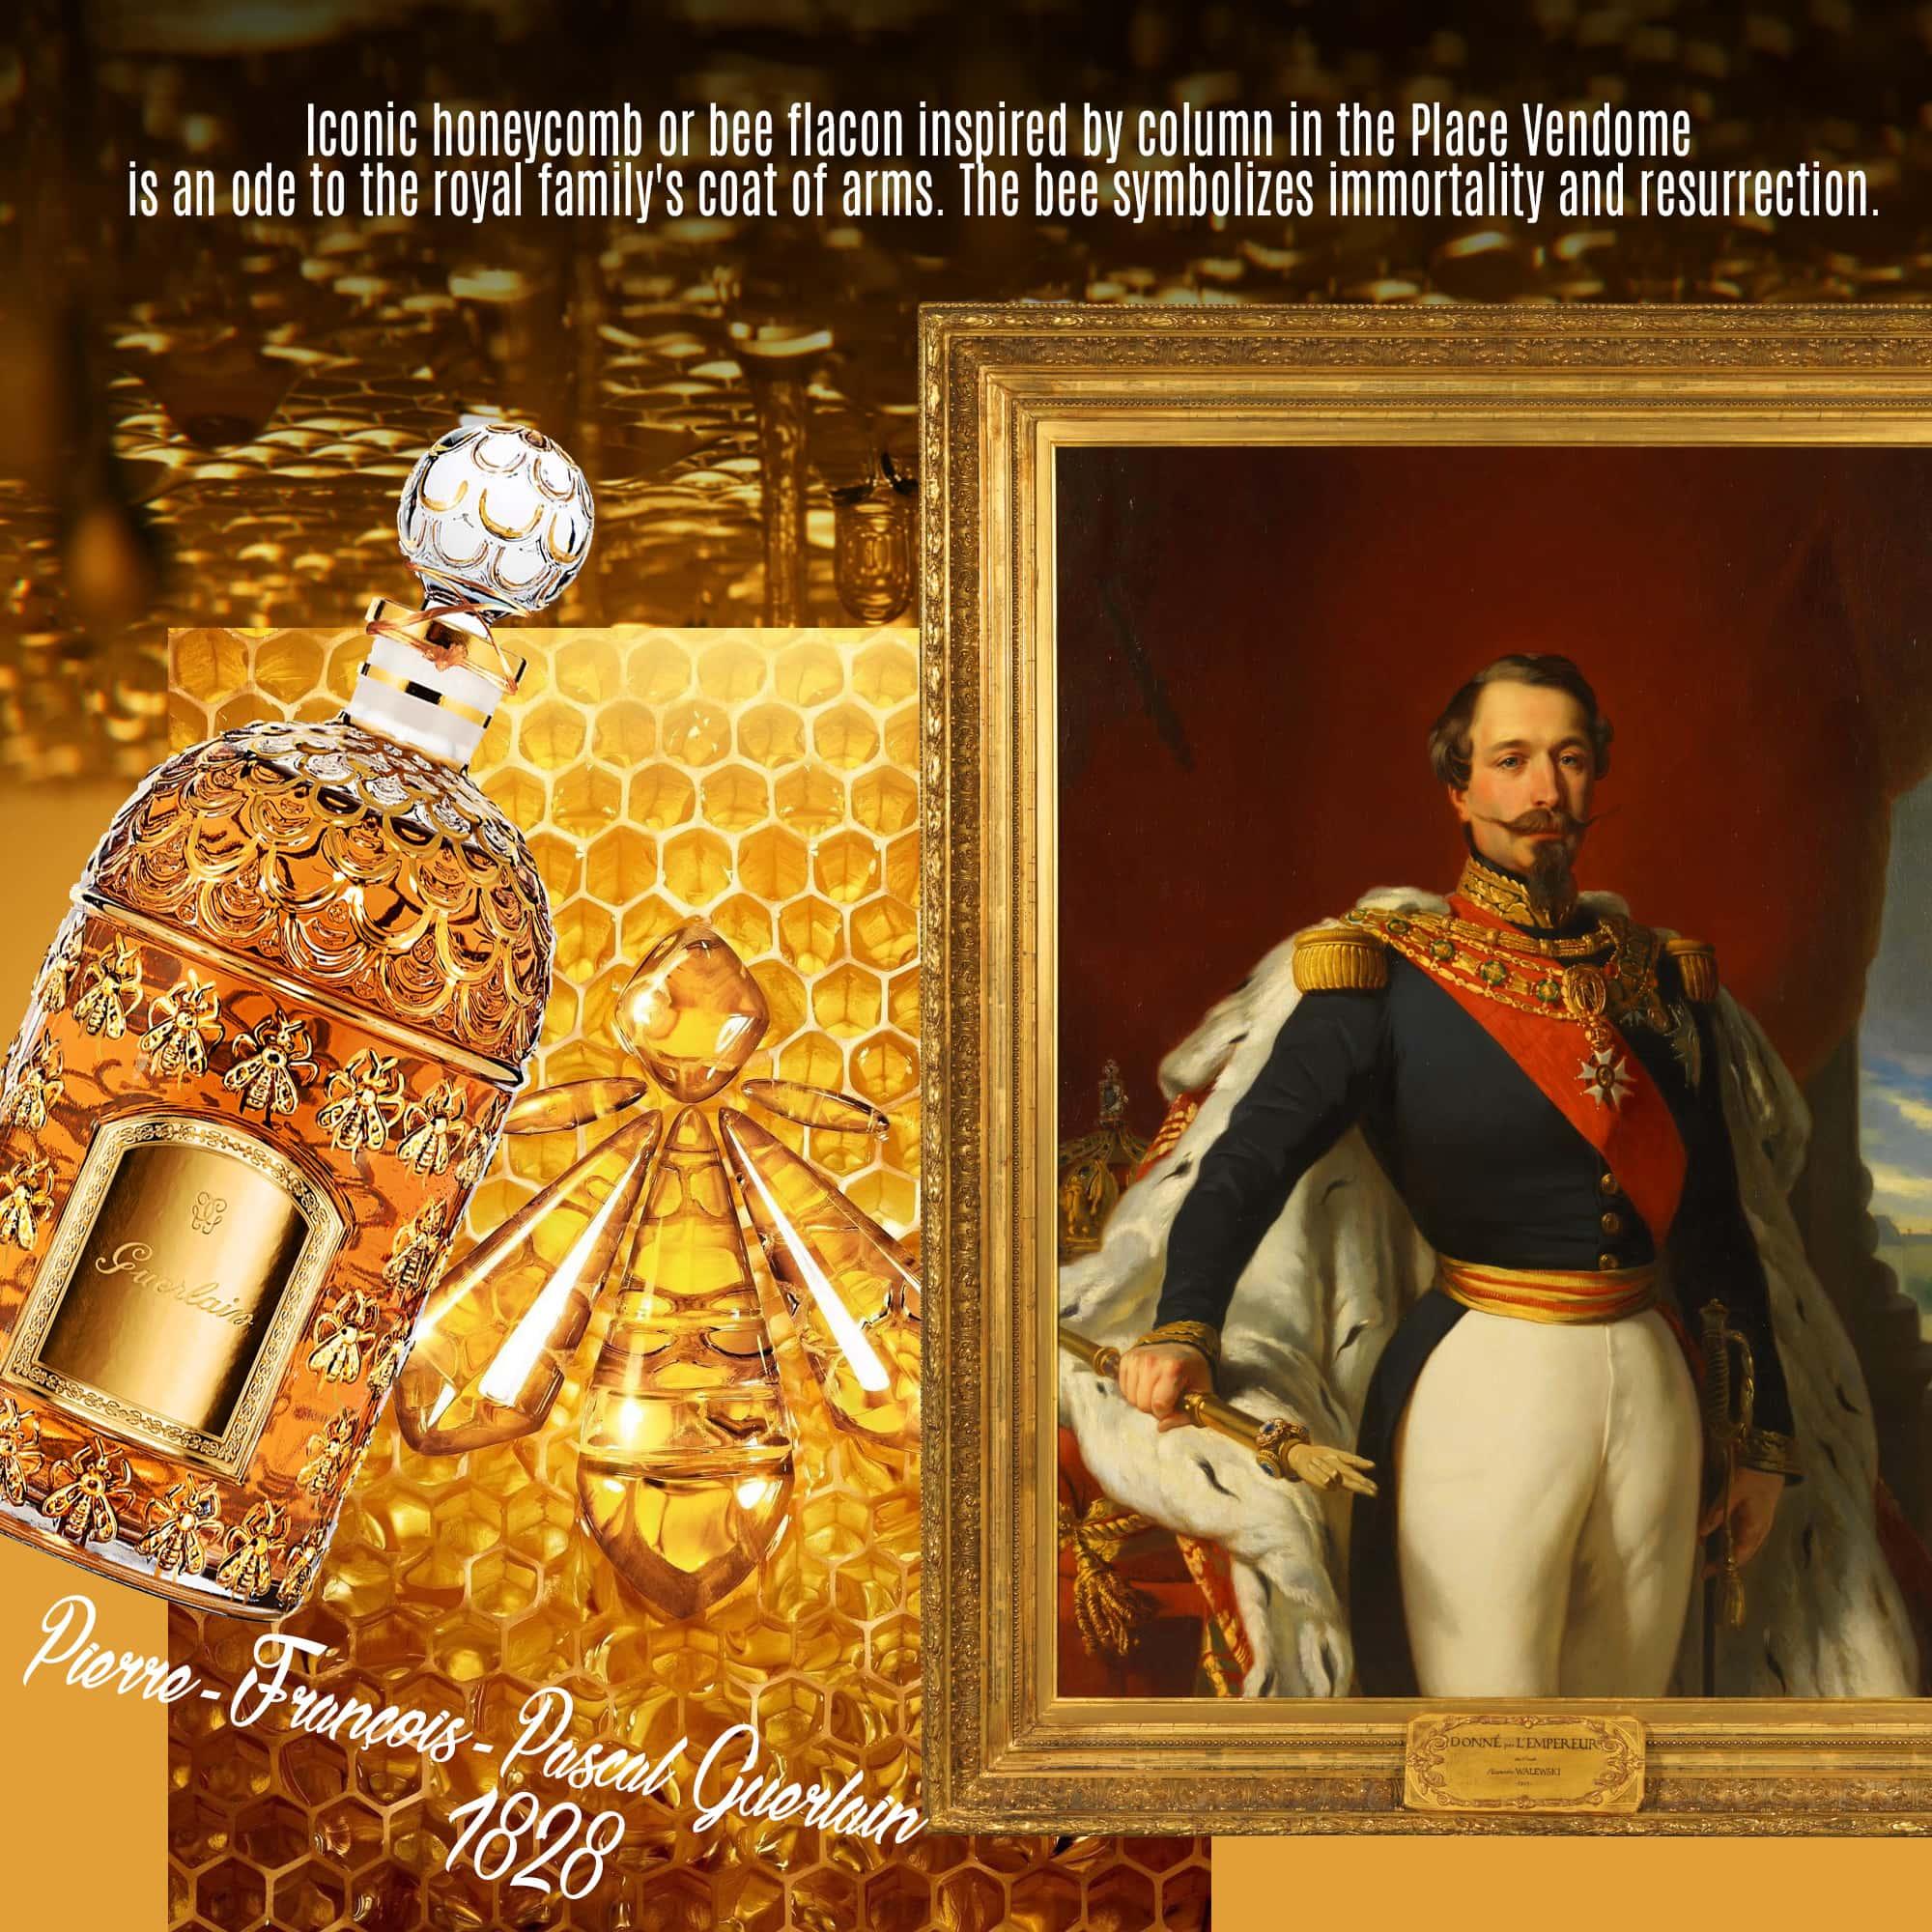 Pierre-François-Pascal Guerlain fundou a casa em 1828 - Frasco de abelha icônico - Tresors INPI por RUNWAY MAGAZINE